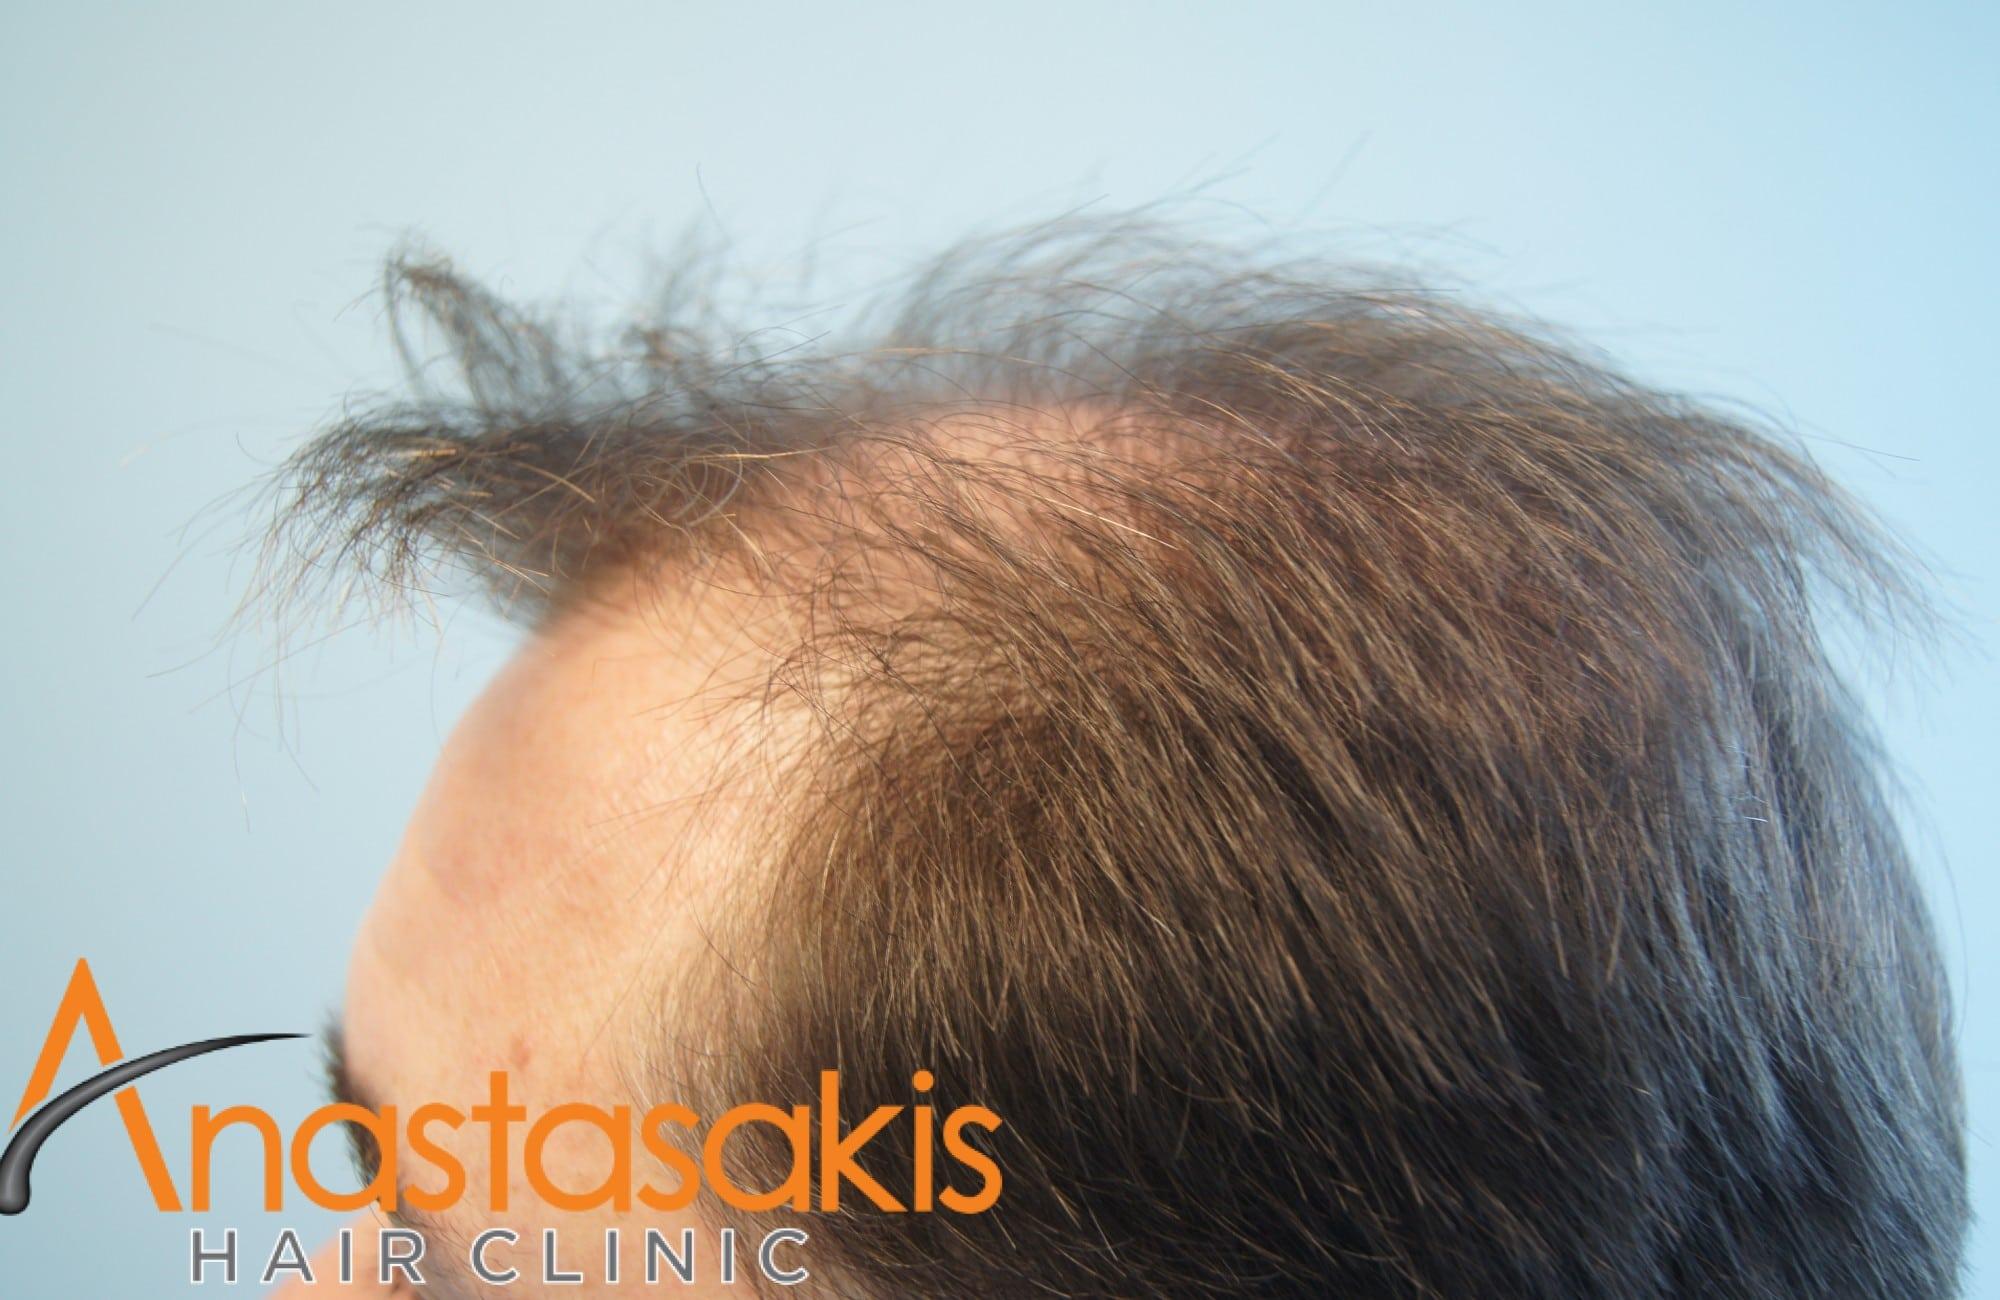 ασθενής πριν τη μεταμόσχευση μαλλιών με fut 3500 fus αριστεροσ κροταφος 2